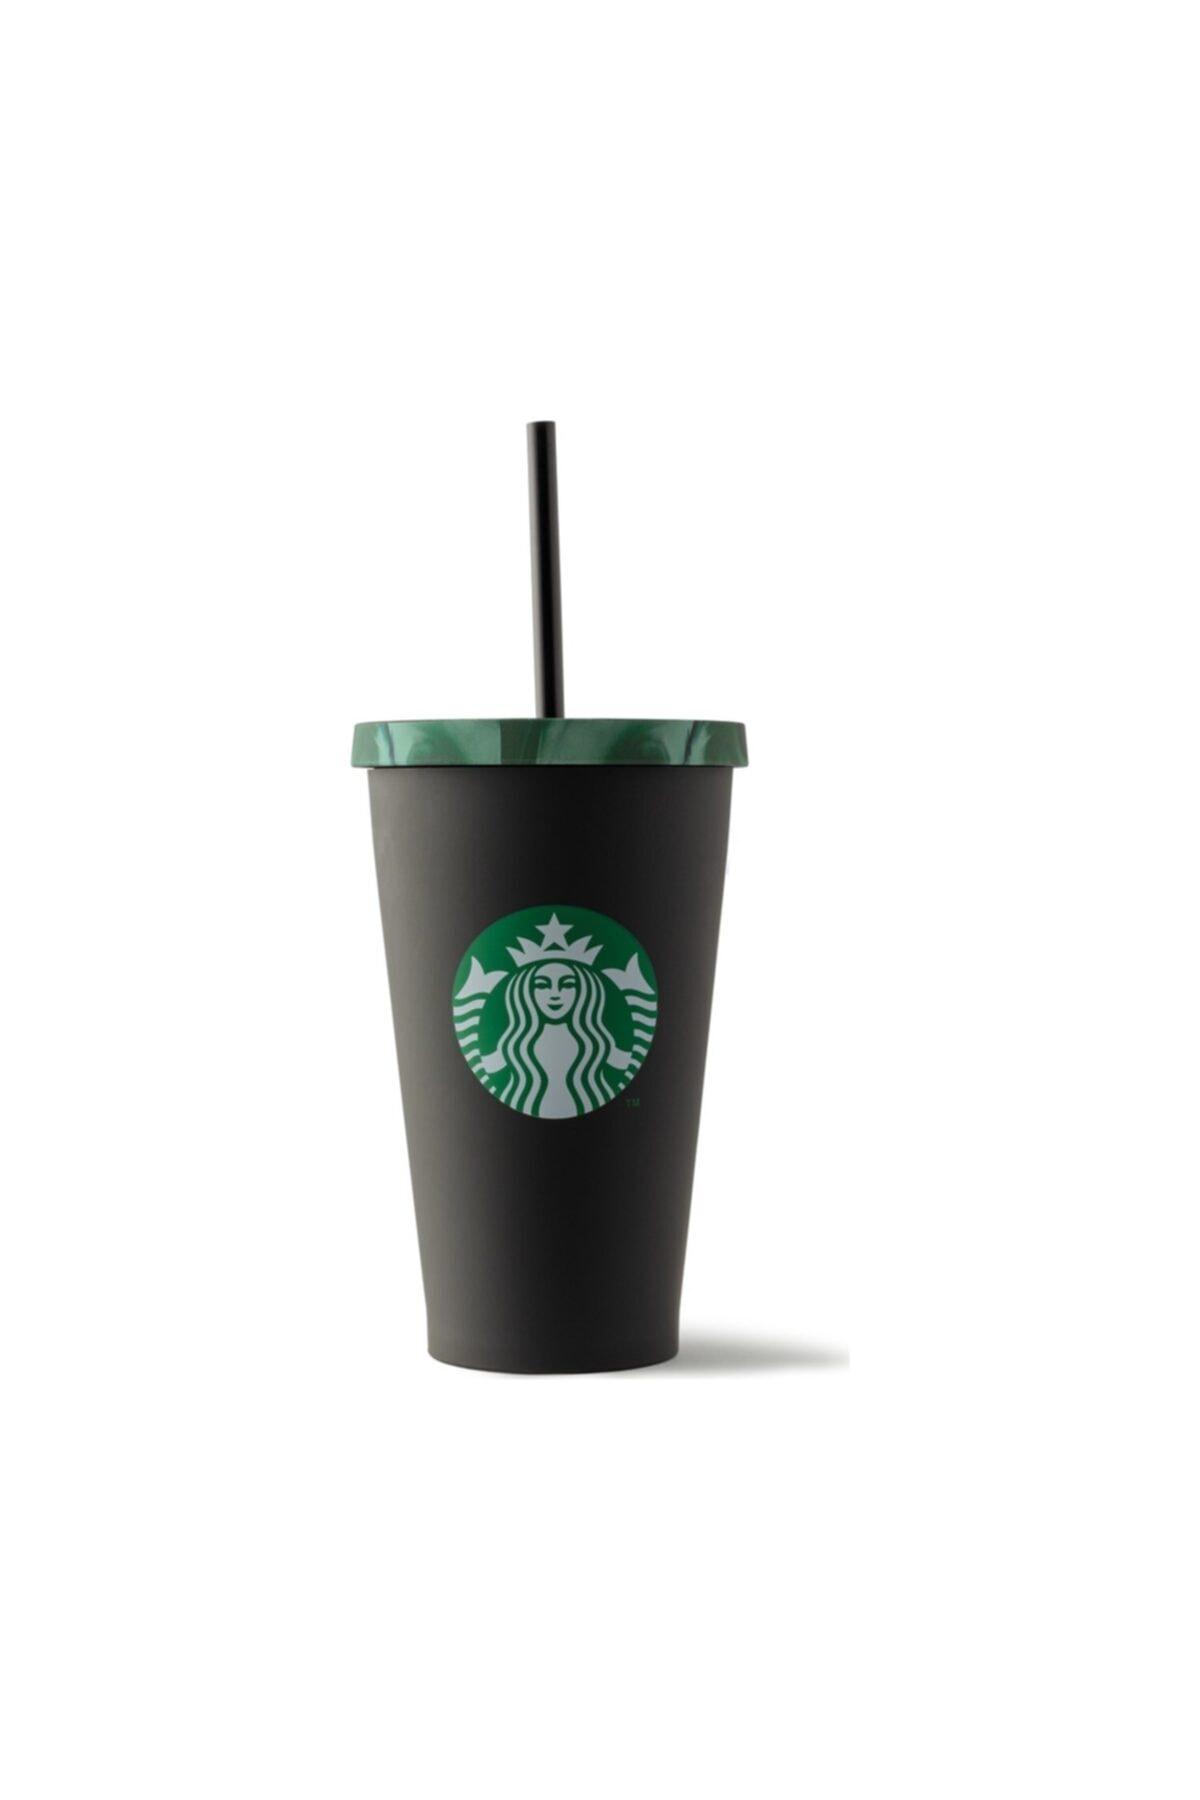 ® Siyah Askeri Desenli Soğuk Içecek Bardağı - 473 Ml